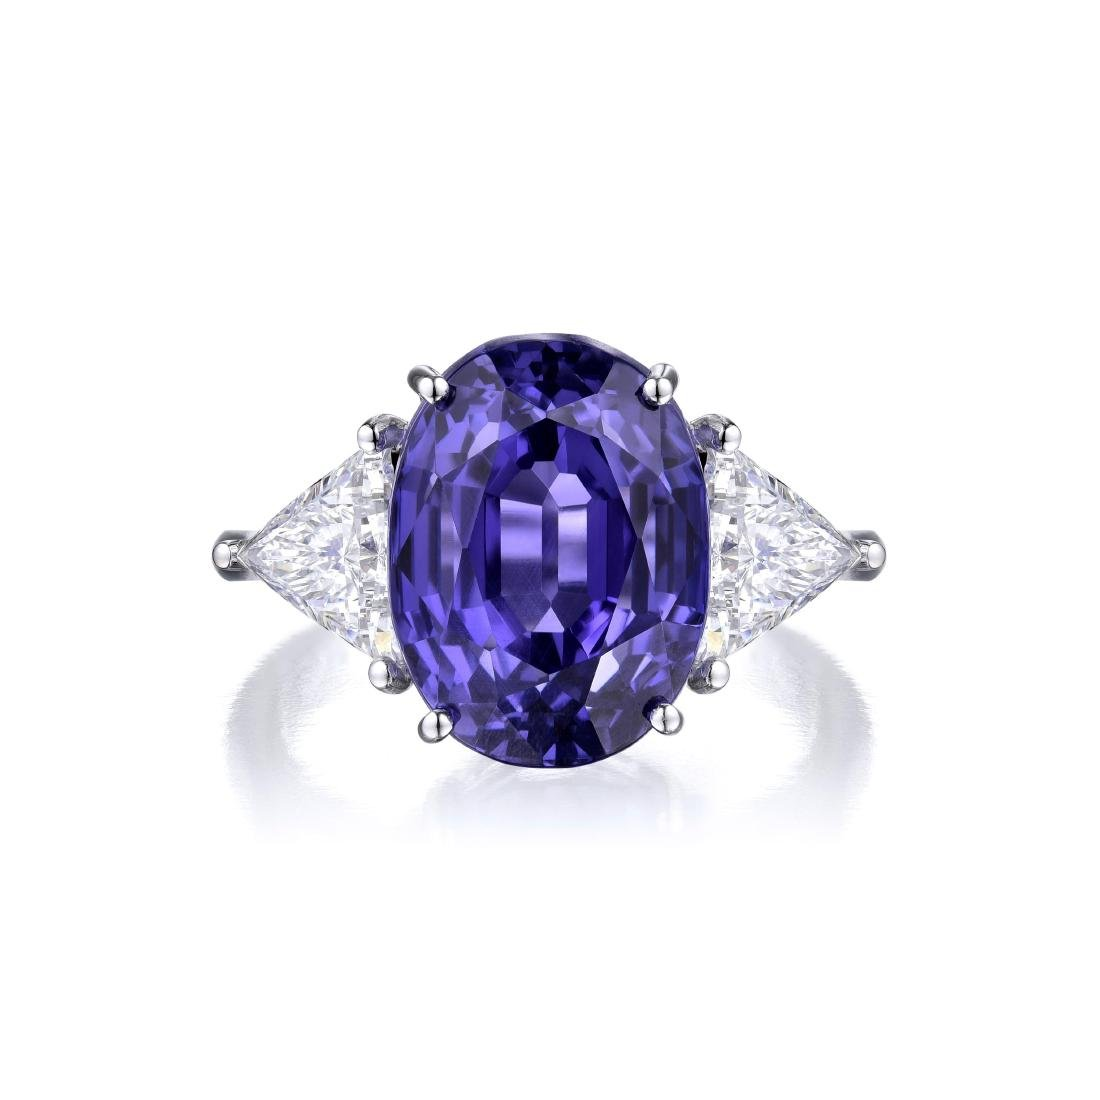 An 11.84 Carat Ceylon Sapphire and Diamond Ring